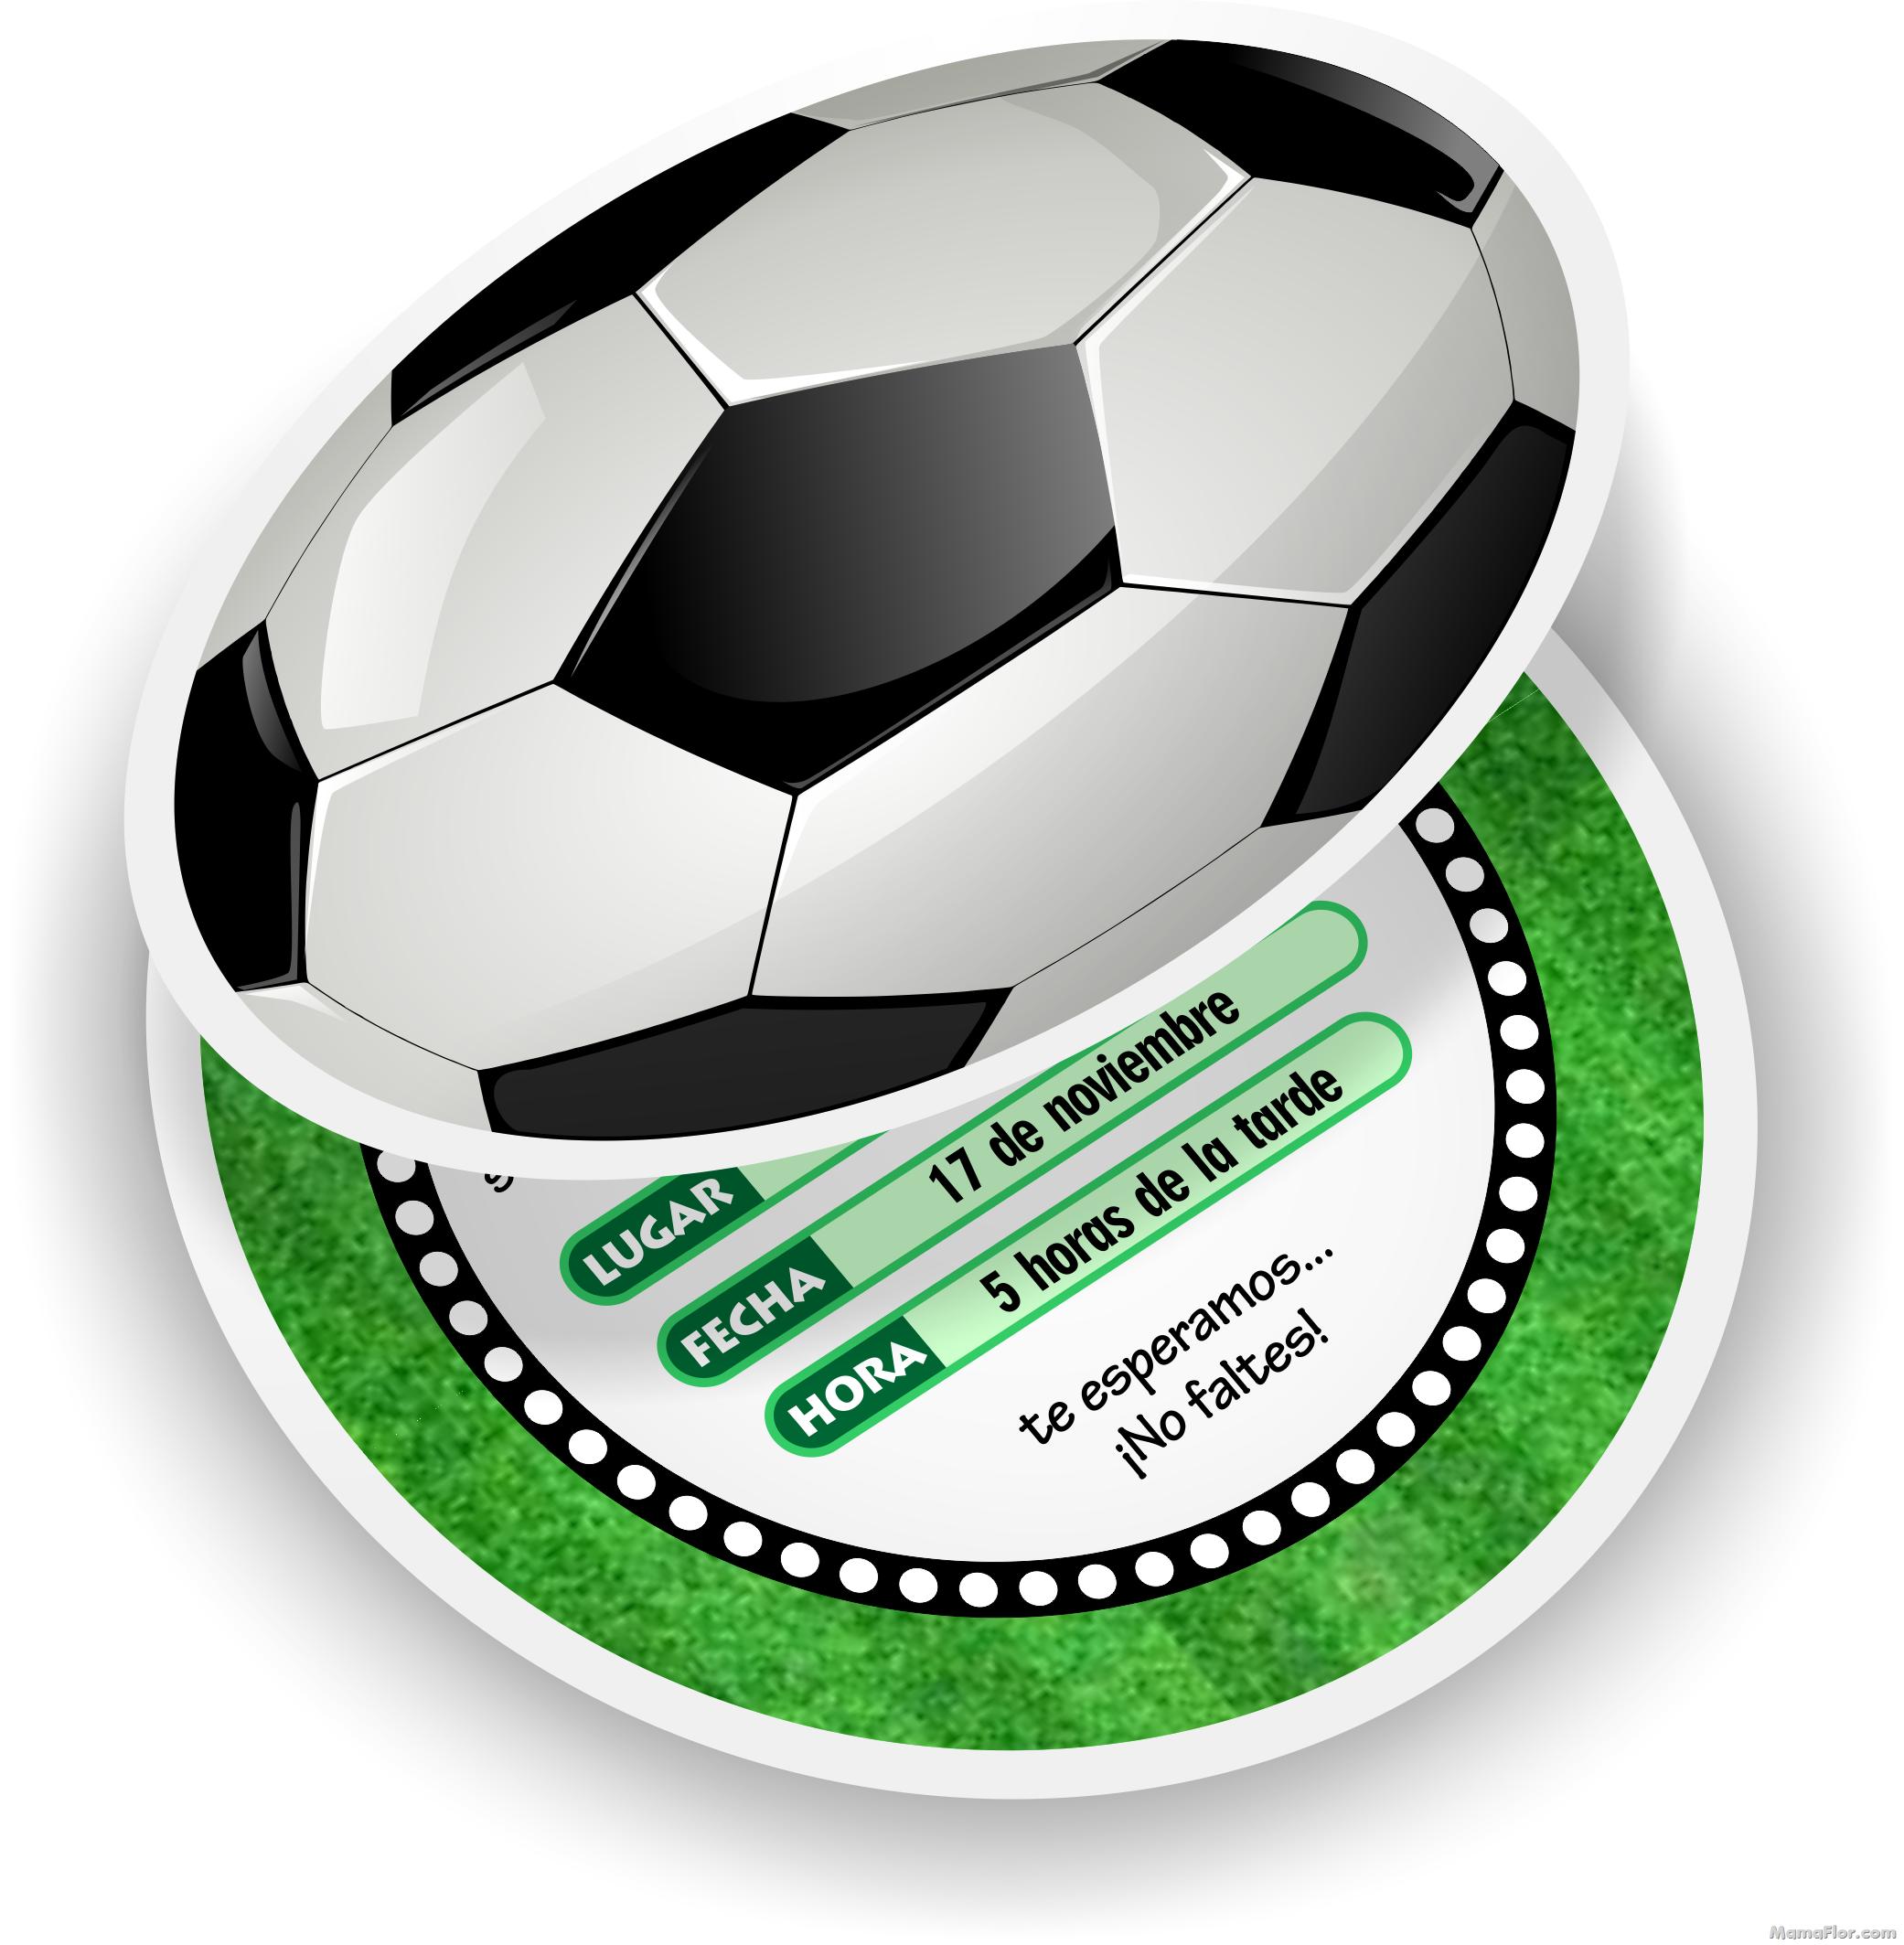 Invitaciones De Fútbol Tarjetas En Forma De Pelota Gratis Para Imprimir Manualidades Mamaflor